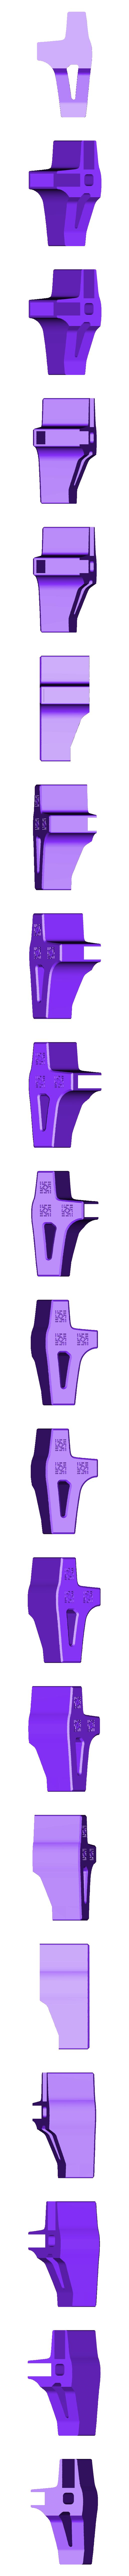 Shelv___Lg__Left_.stl Télécharger fichier STL gratuit Zavr - Système d'étagères modulaires pour les filles courageuses • Objet pour impression 3D, shumeyko